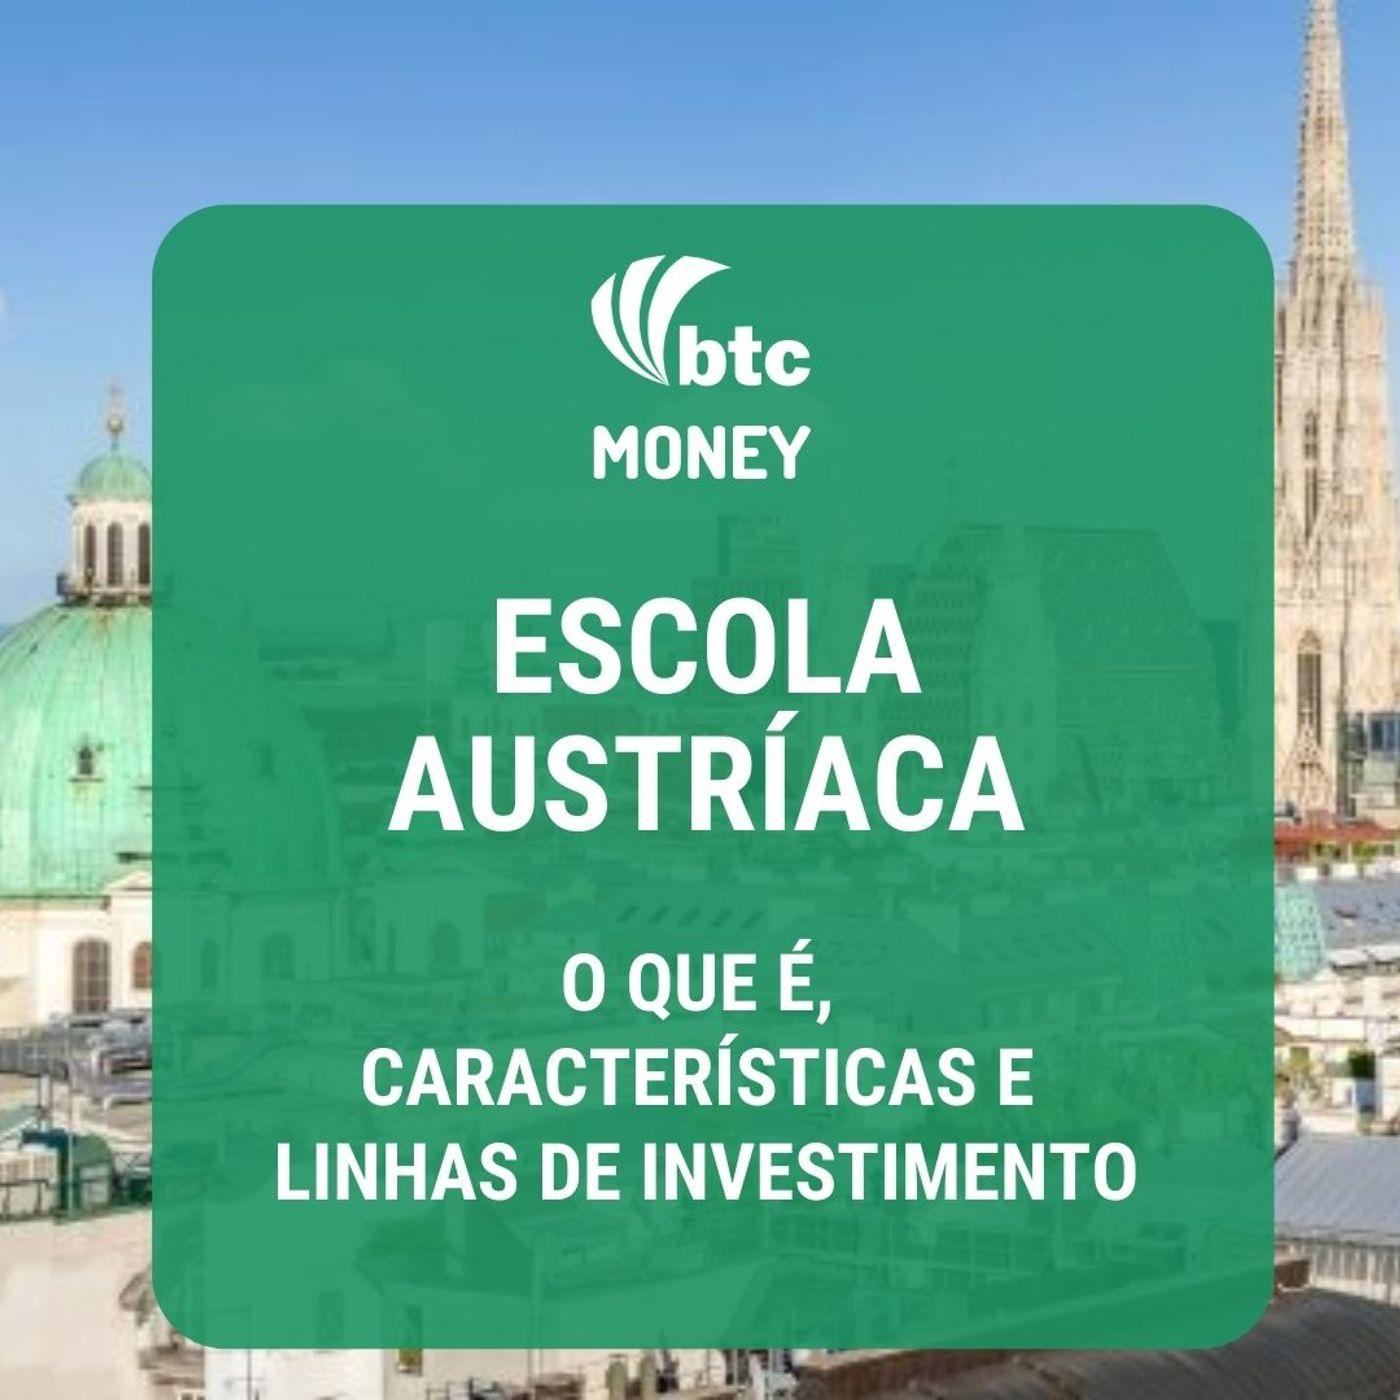 Escola Austríaca: O que é, características e linhas de investimento | BTC Money #31